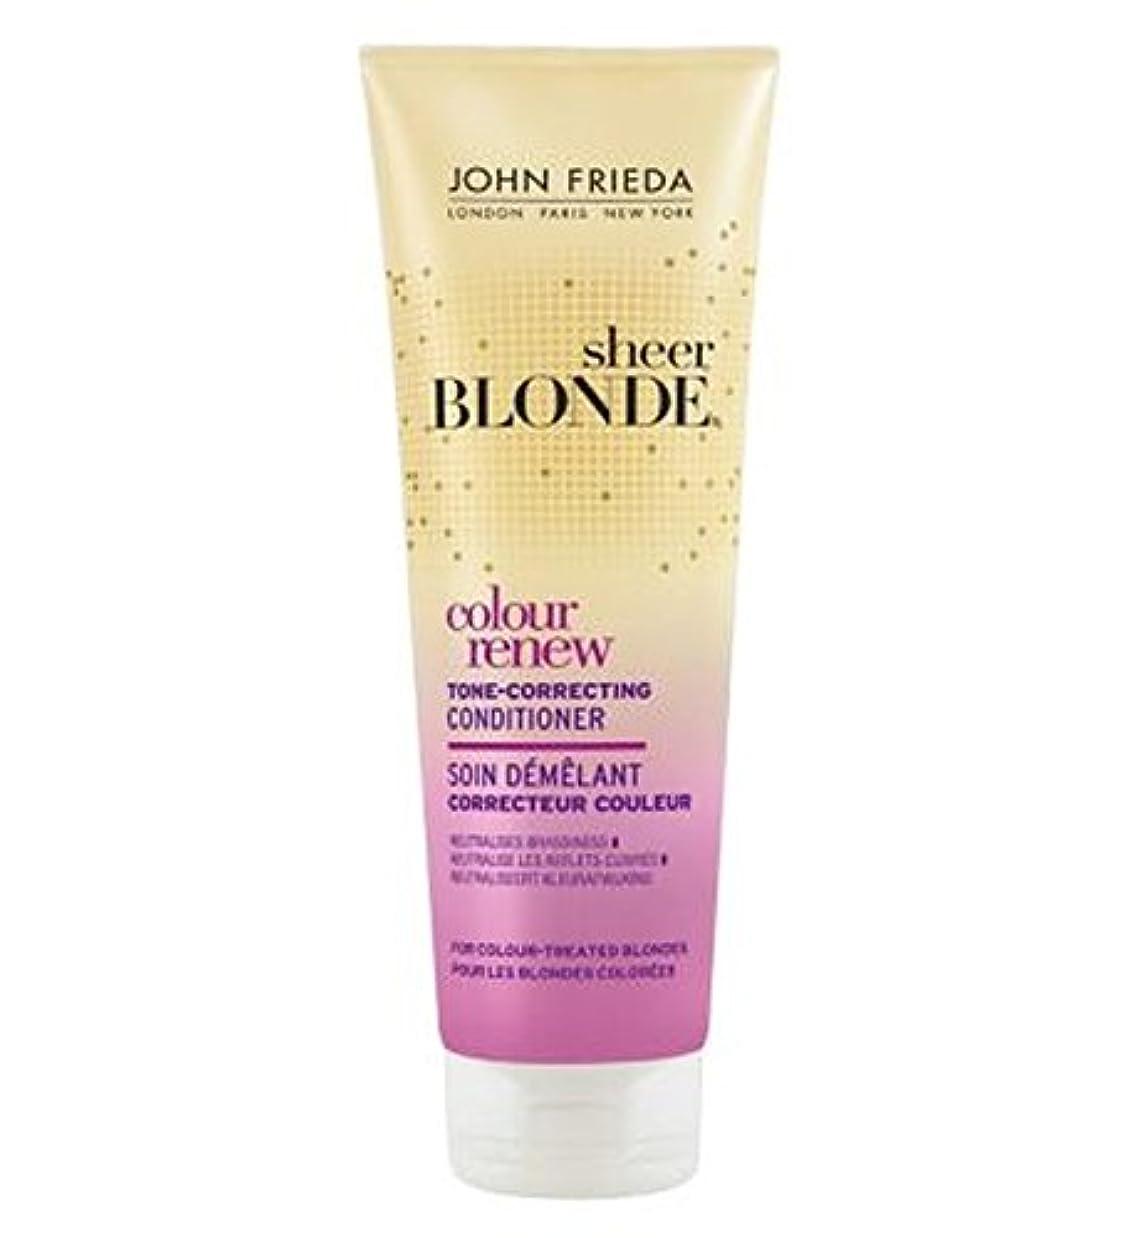 時々怠磁器ジョン?フリーダ薄手のブロンド色は色調補正コンディショナー250ミリリットルを更新します (John Frieda) (x2) - John Frieda Sheer Blonde Colour Renew Tone Correcting...